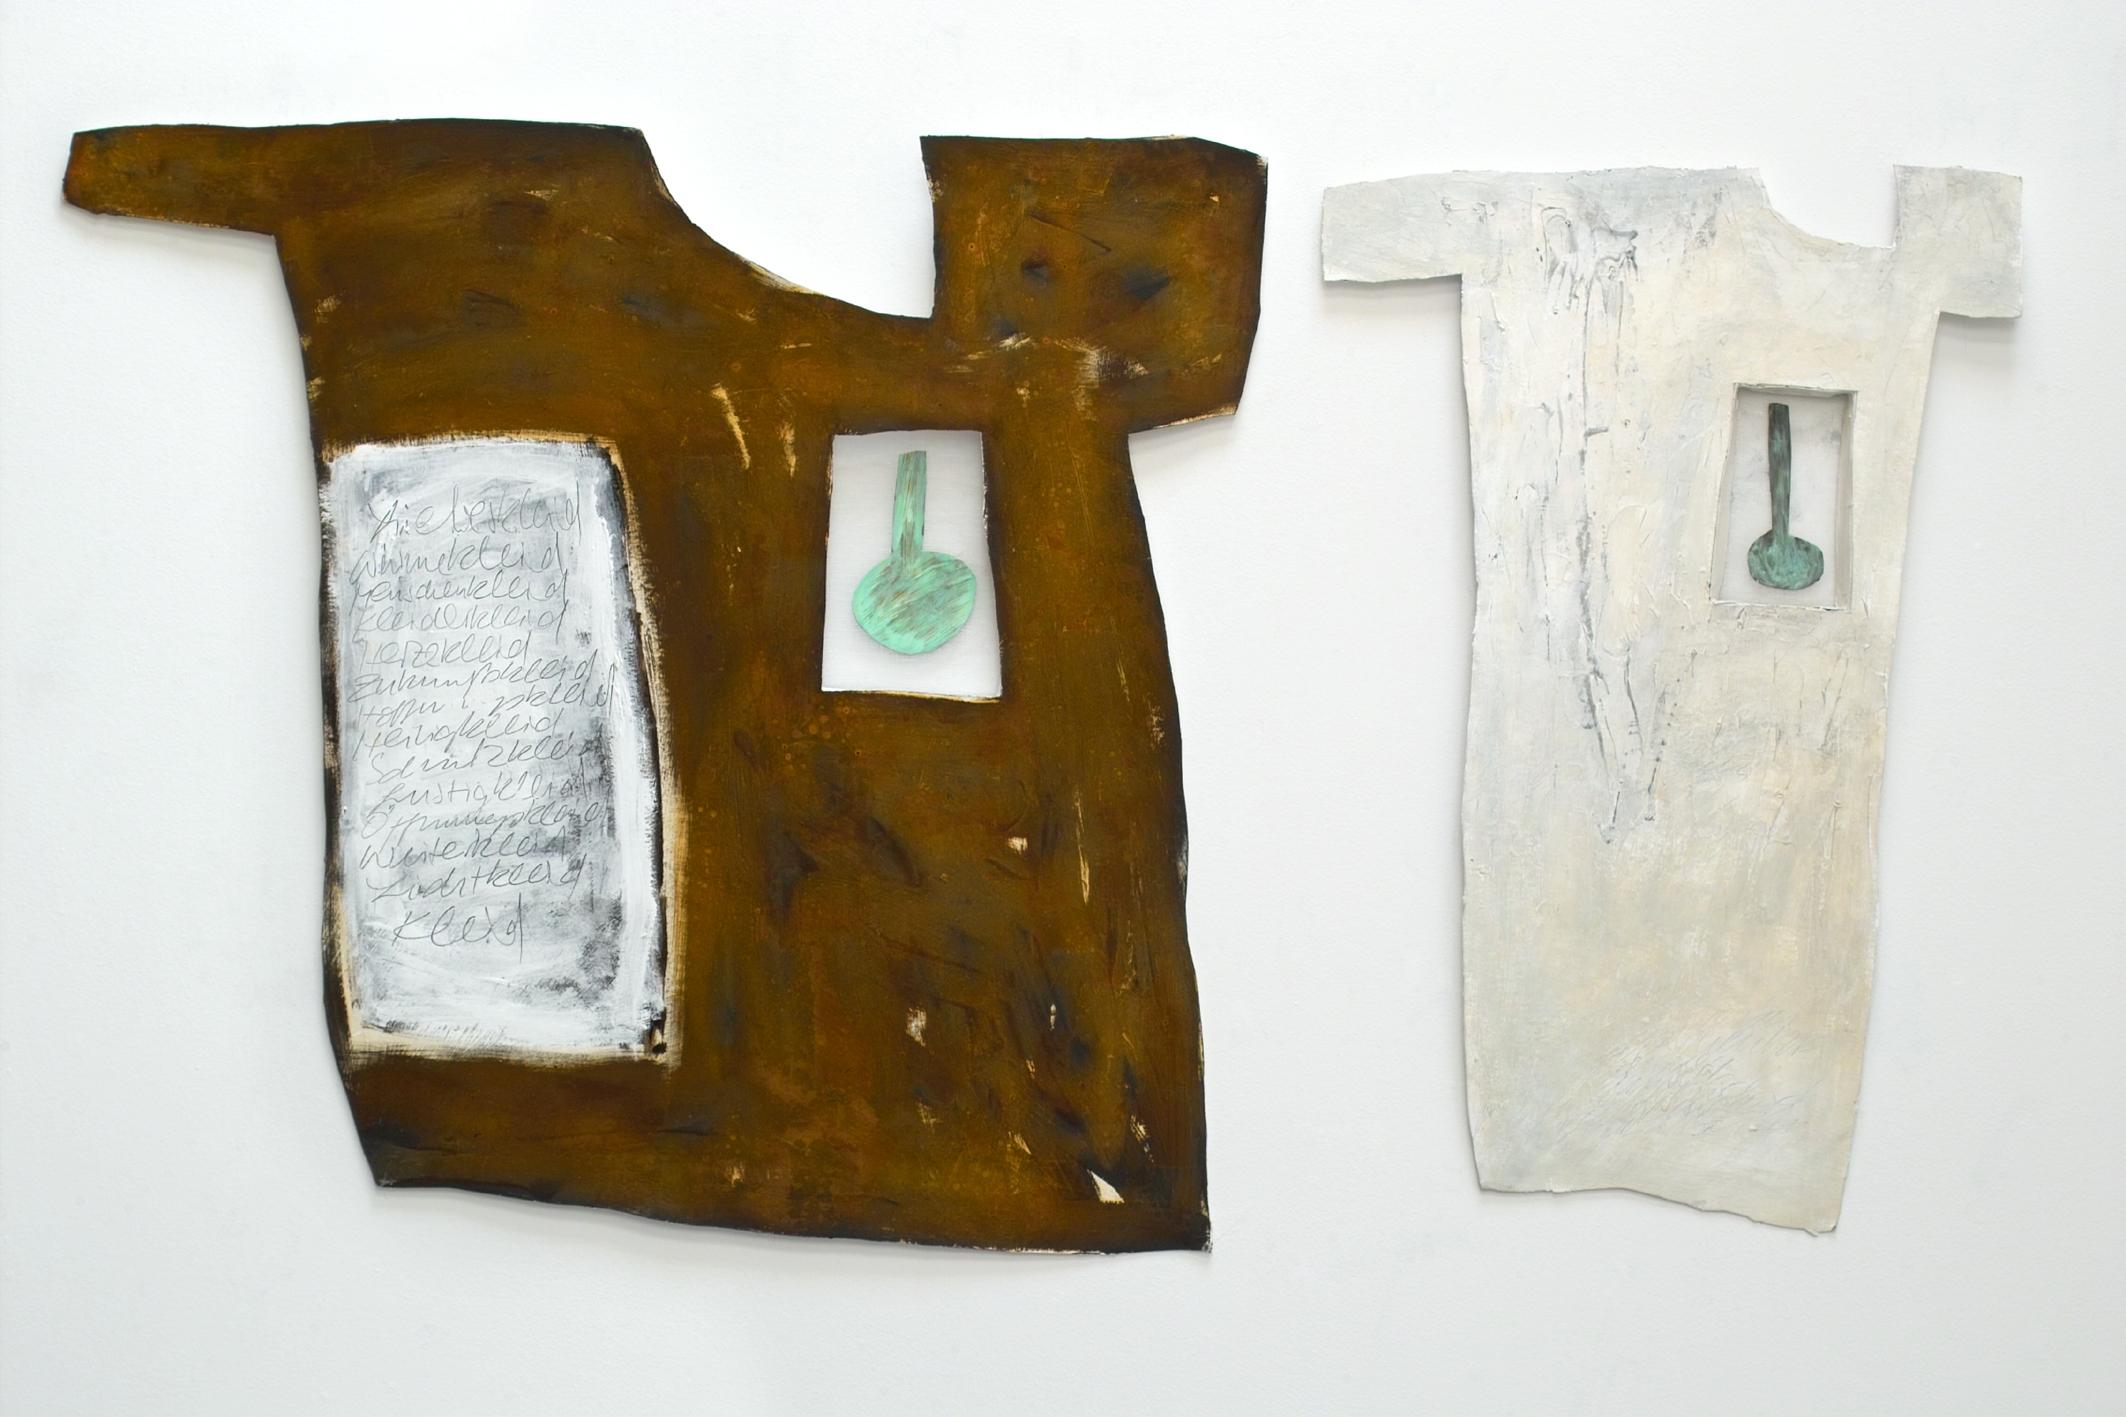 Wärmepumpen, 2003, Mischtechnik auf Filzpappe, ca. 90 x 90 cm und 50 x 90 cm